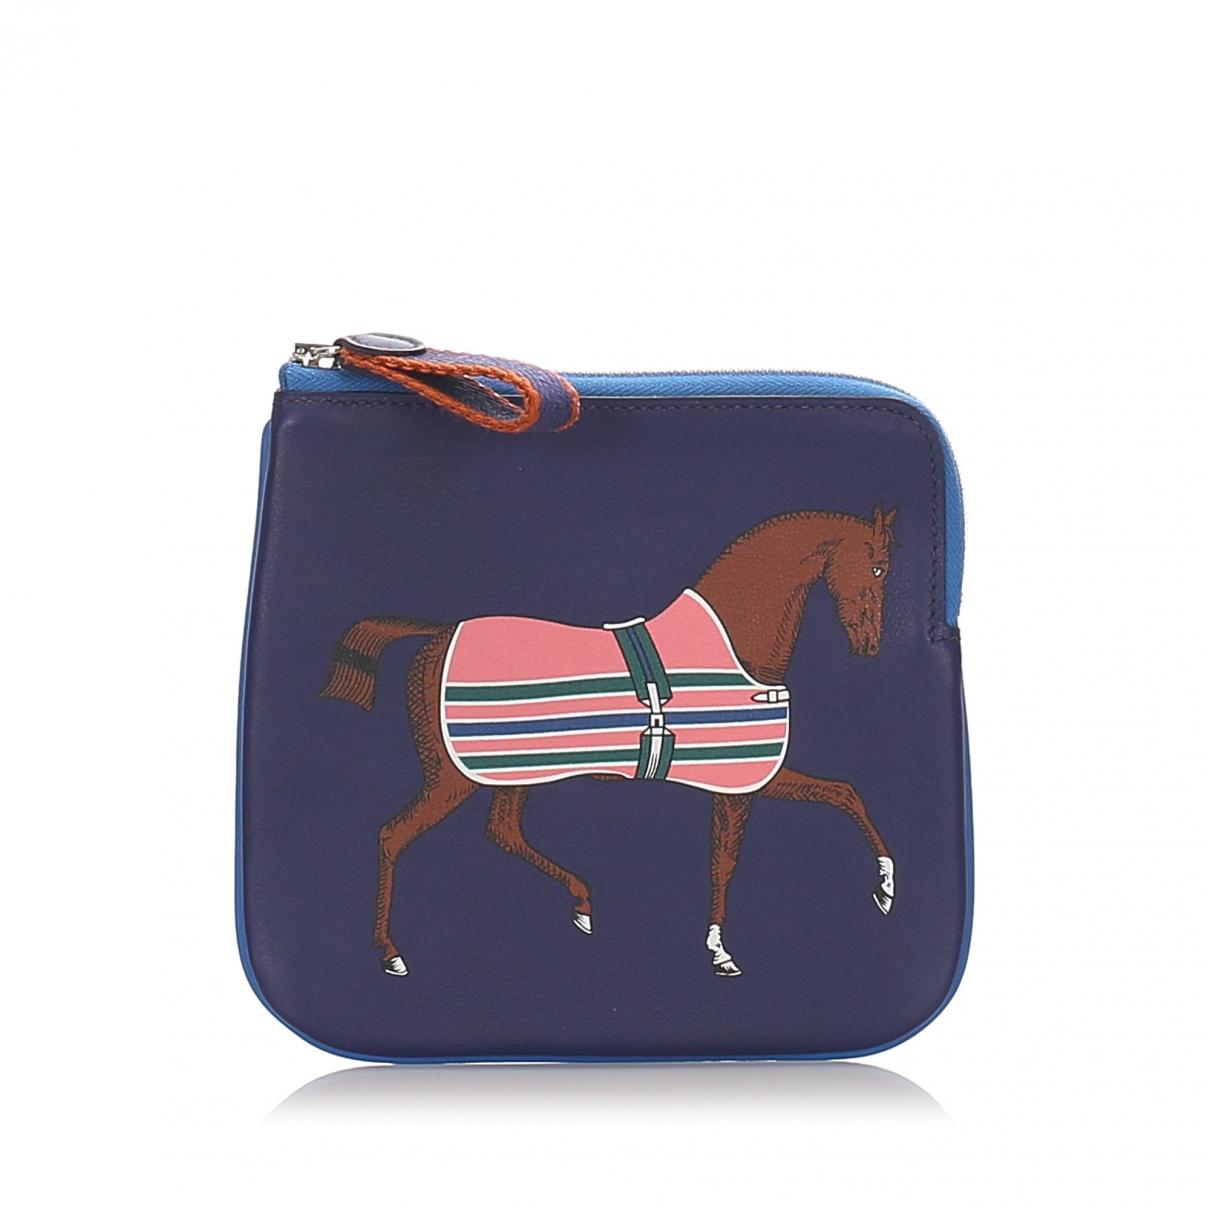 Hermès \N Blue Leather Clutch bag for Women \N